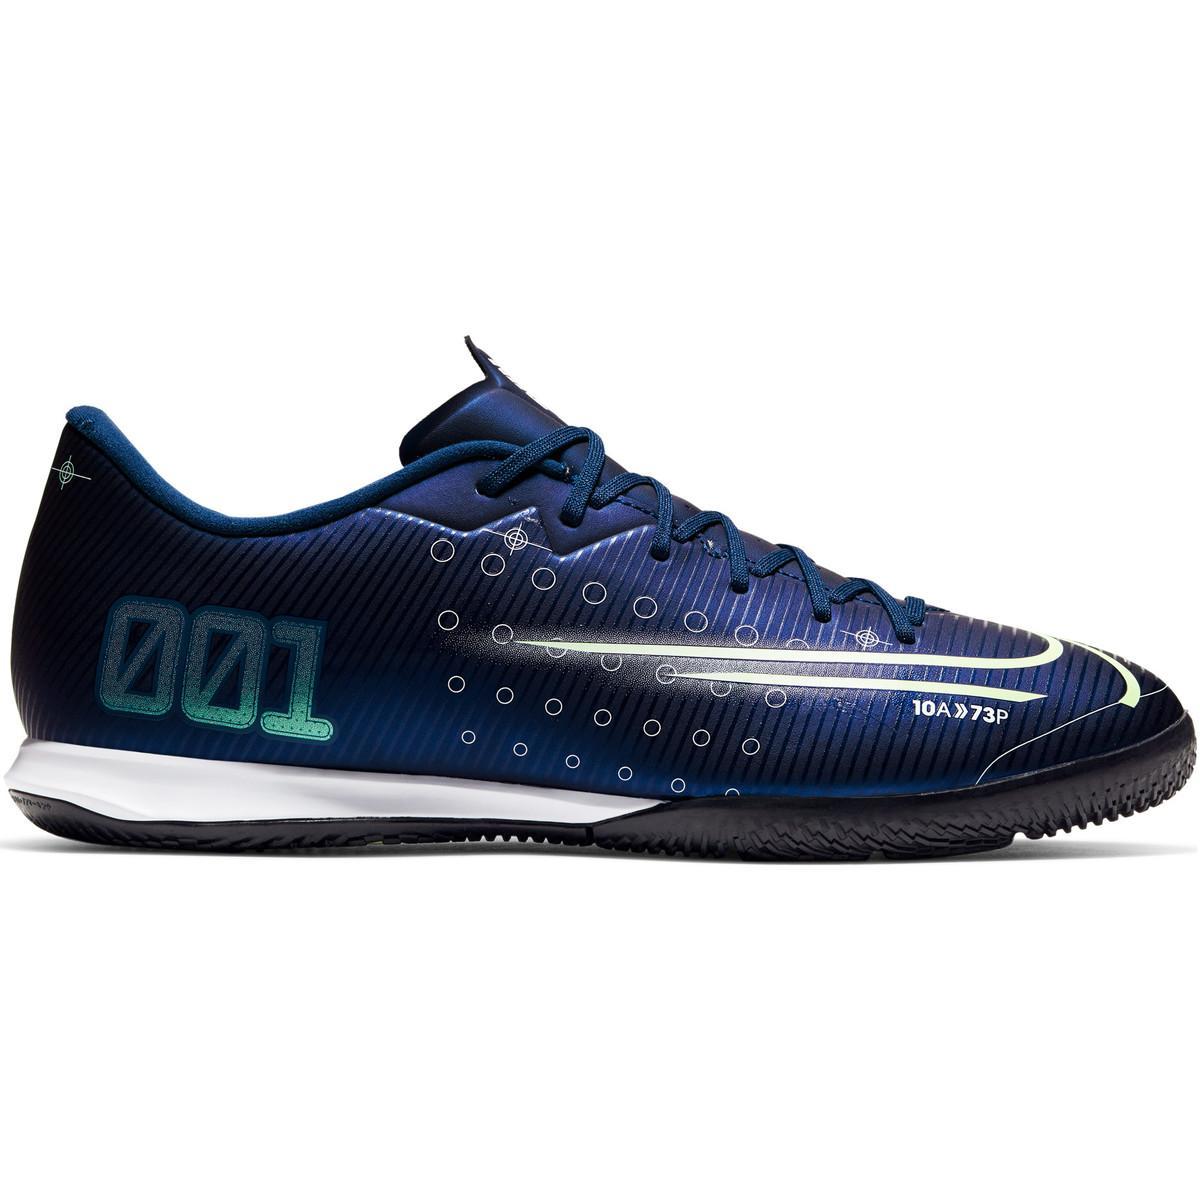 Nike Voetbalschoenen Mercurial Vapor Xiii Academy Mds Ic in het Blauw voor heren